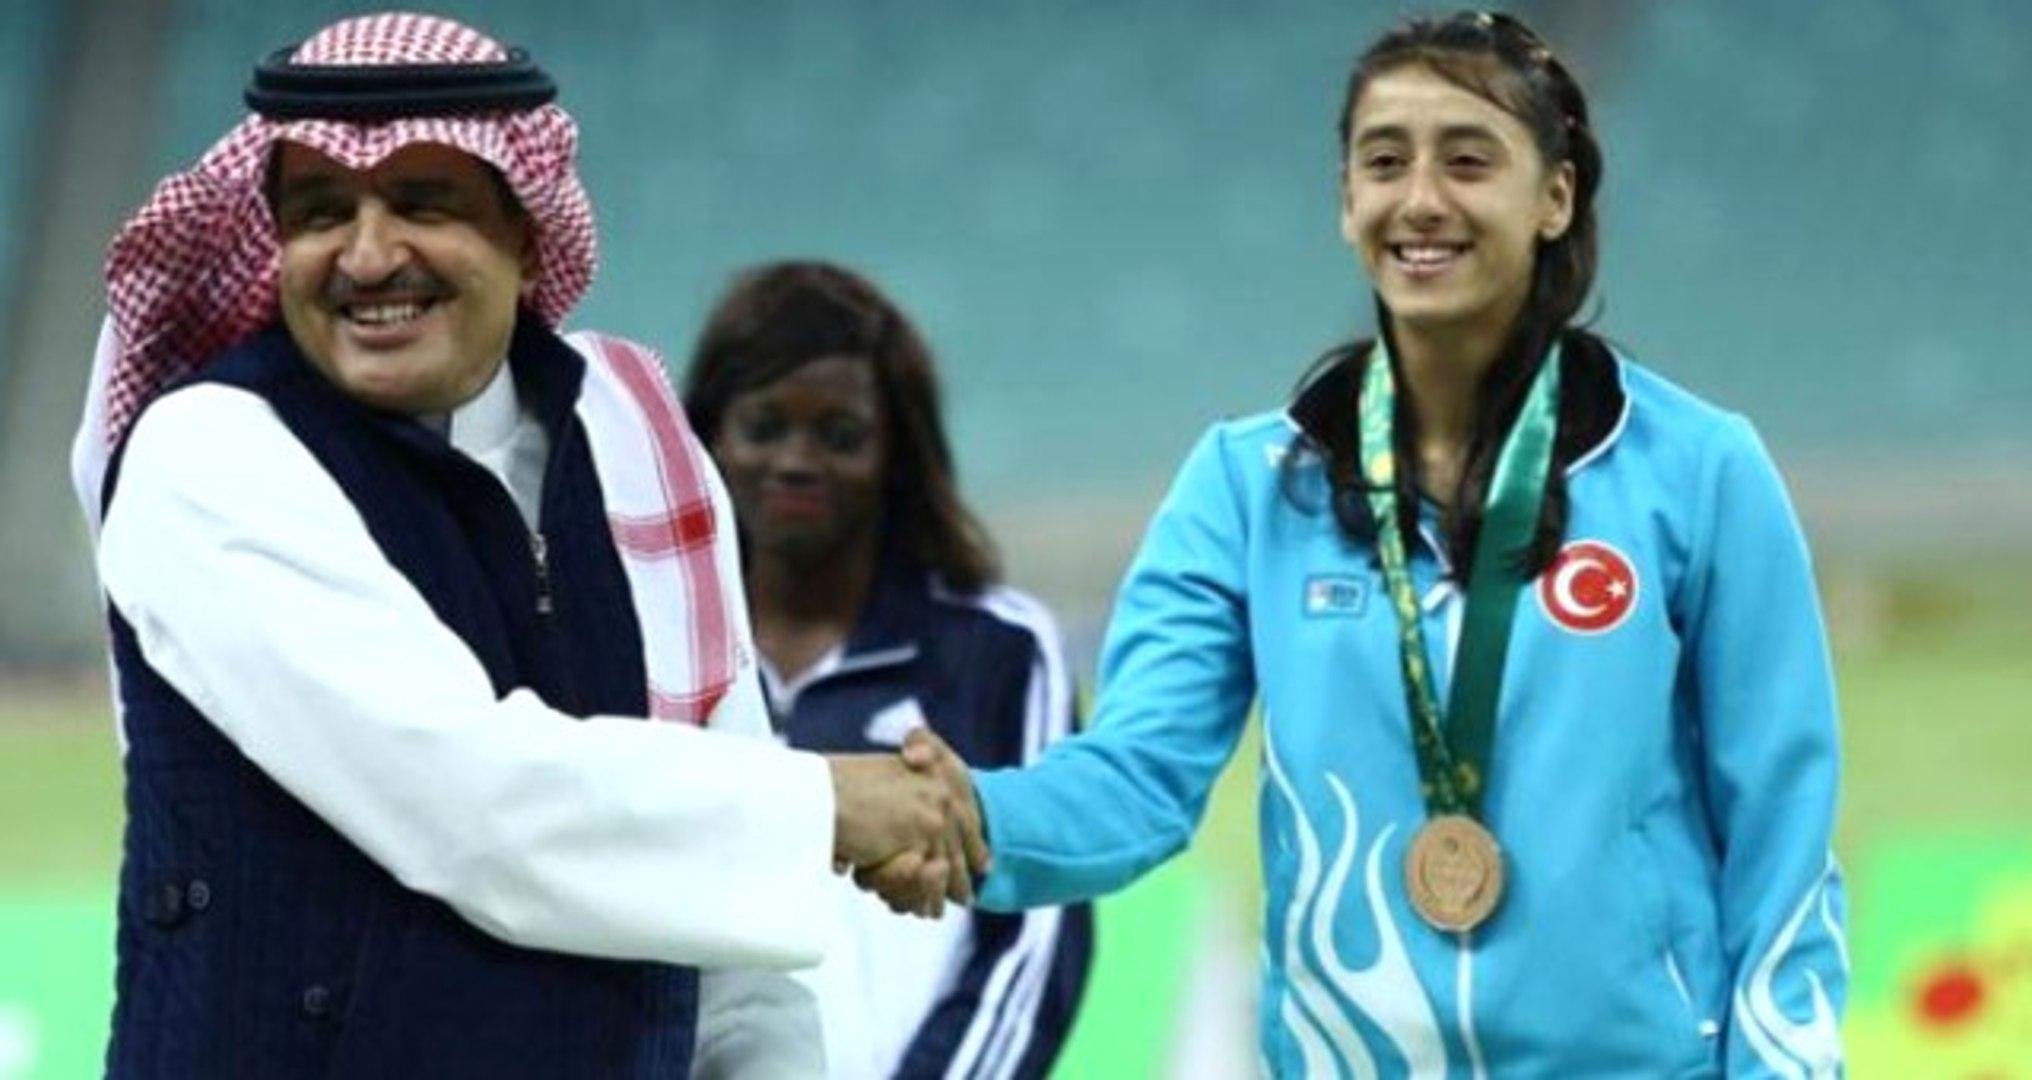 17 Yaşındaki Atlet Mizgin Ay, 2 Yılda 27 Türkiye Rekoru Kırdı